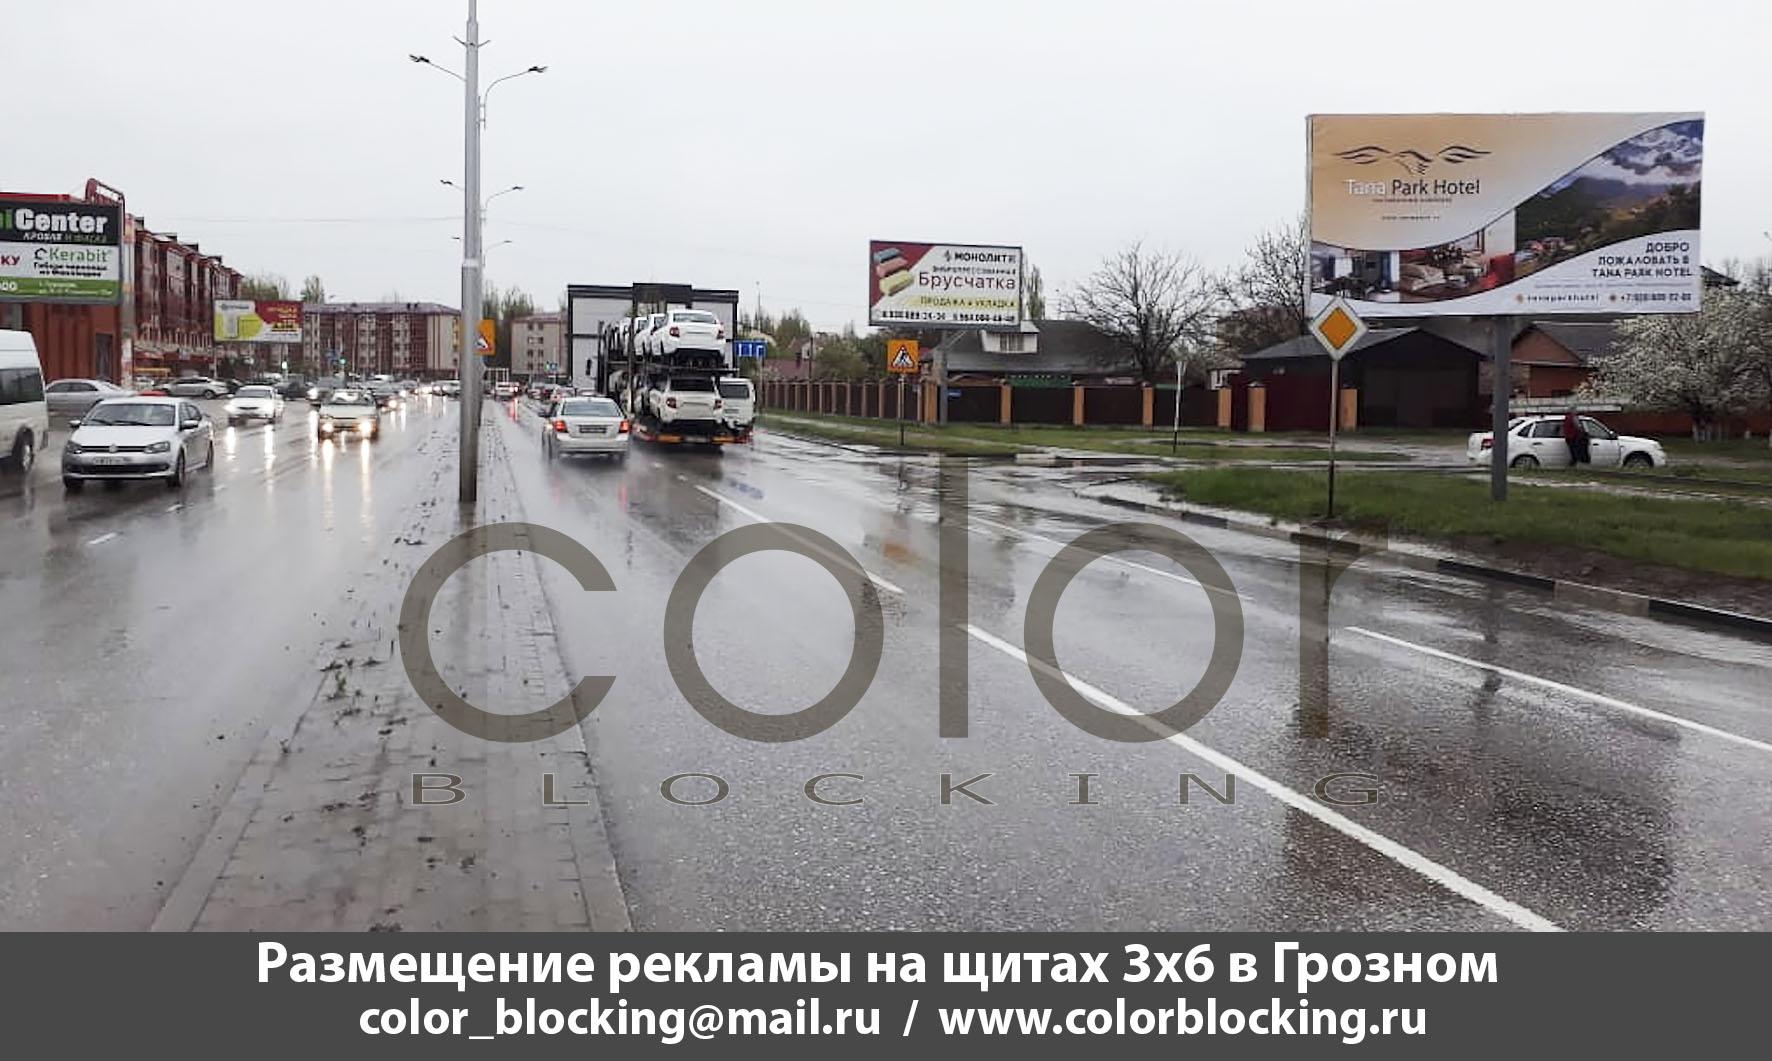 Реклама в Грозном Tana Park Hotel Чечня